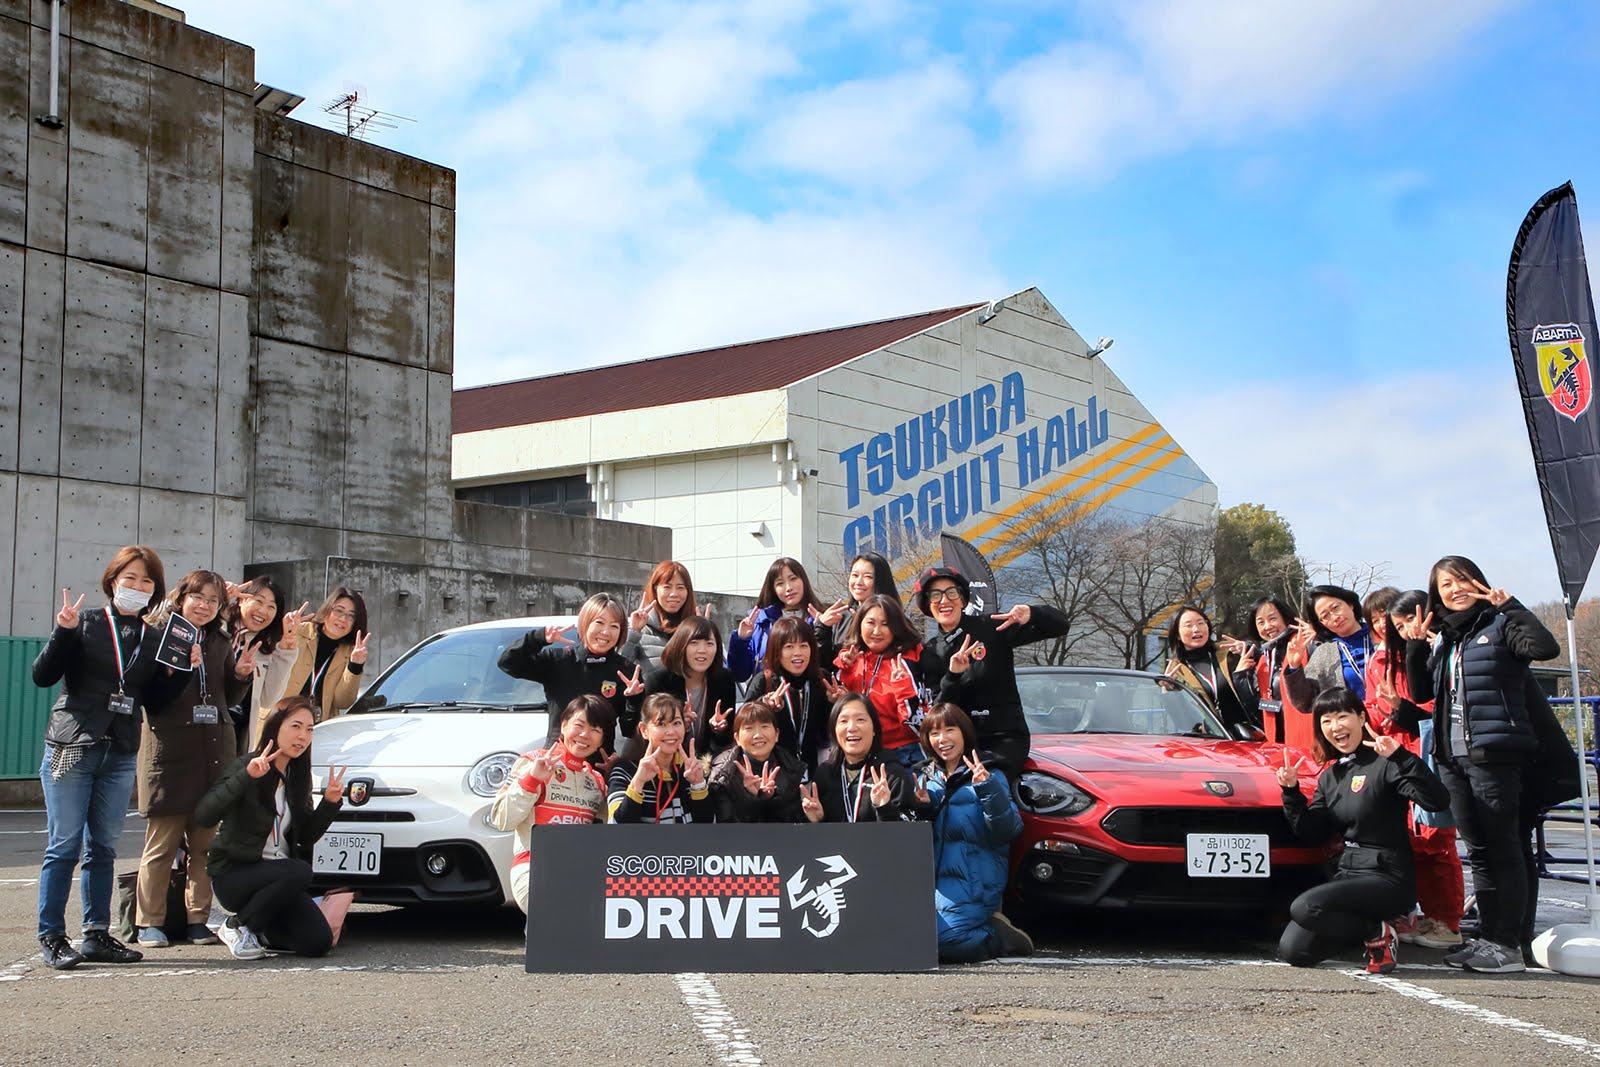 アバルト女子がアクセル全開! SCORPIONNA DRIVE for Woman 2020 Rd.1 筑波編レポート